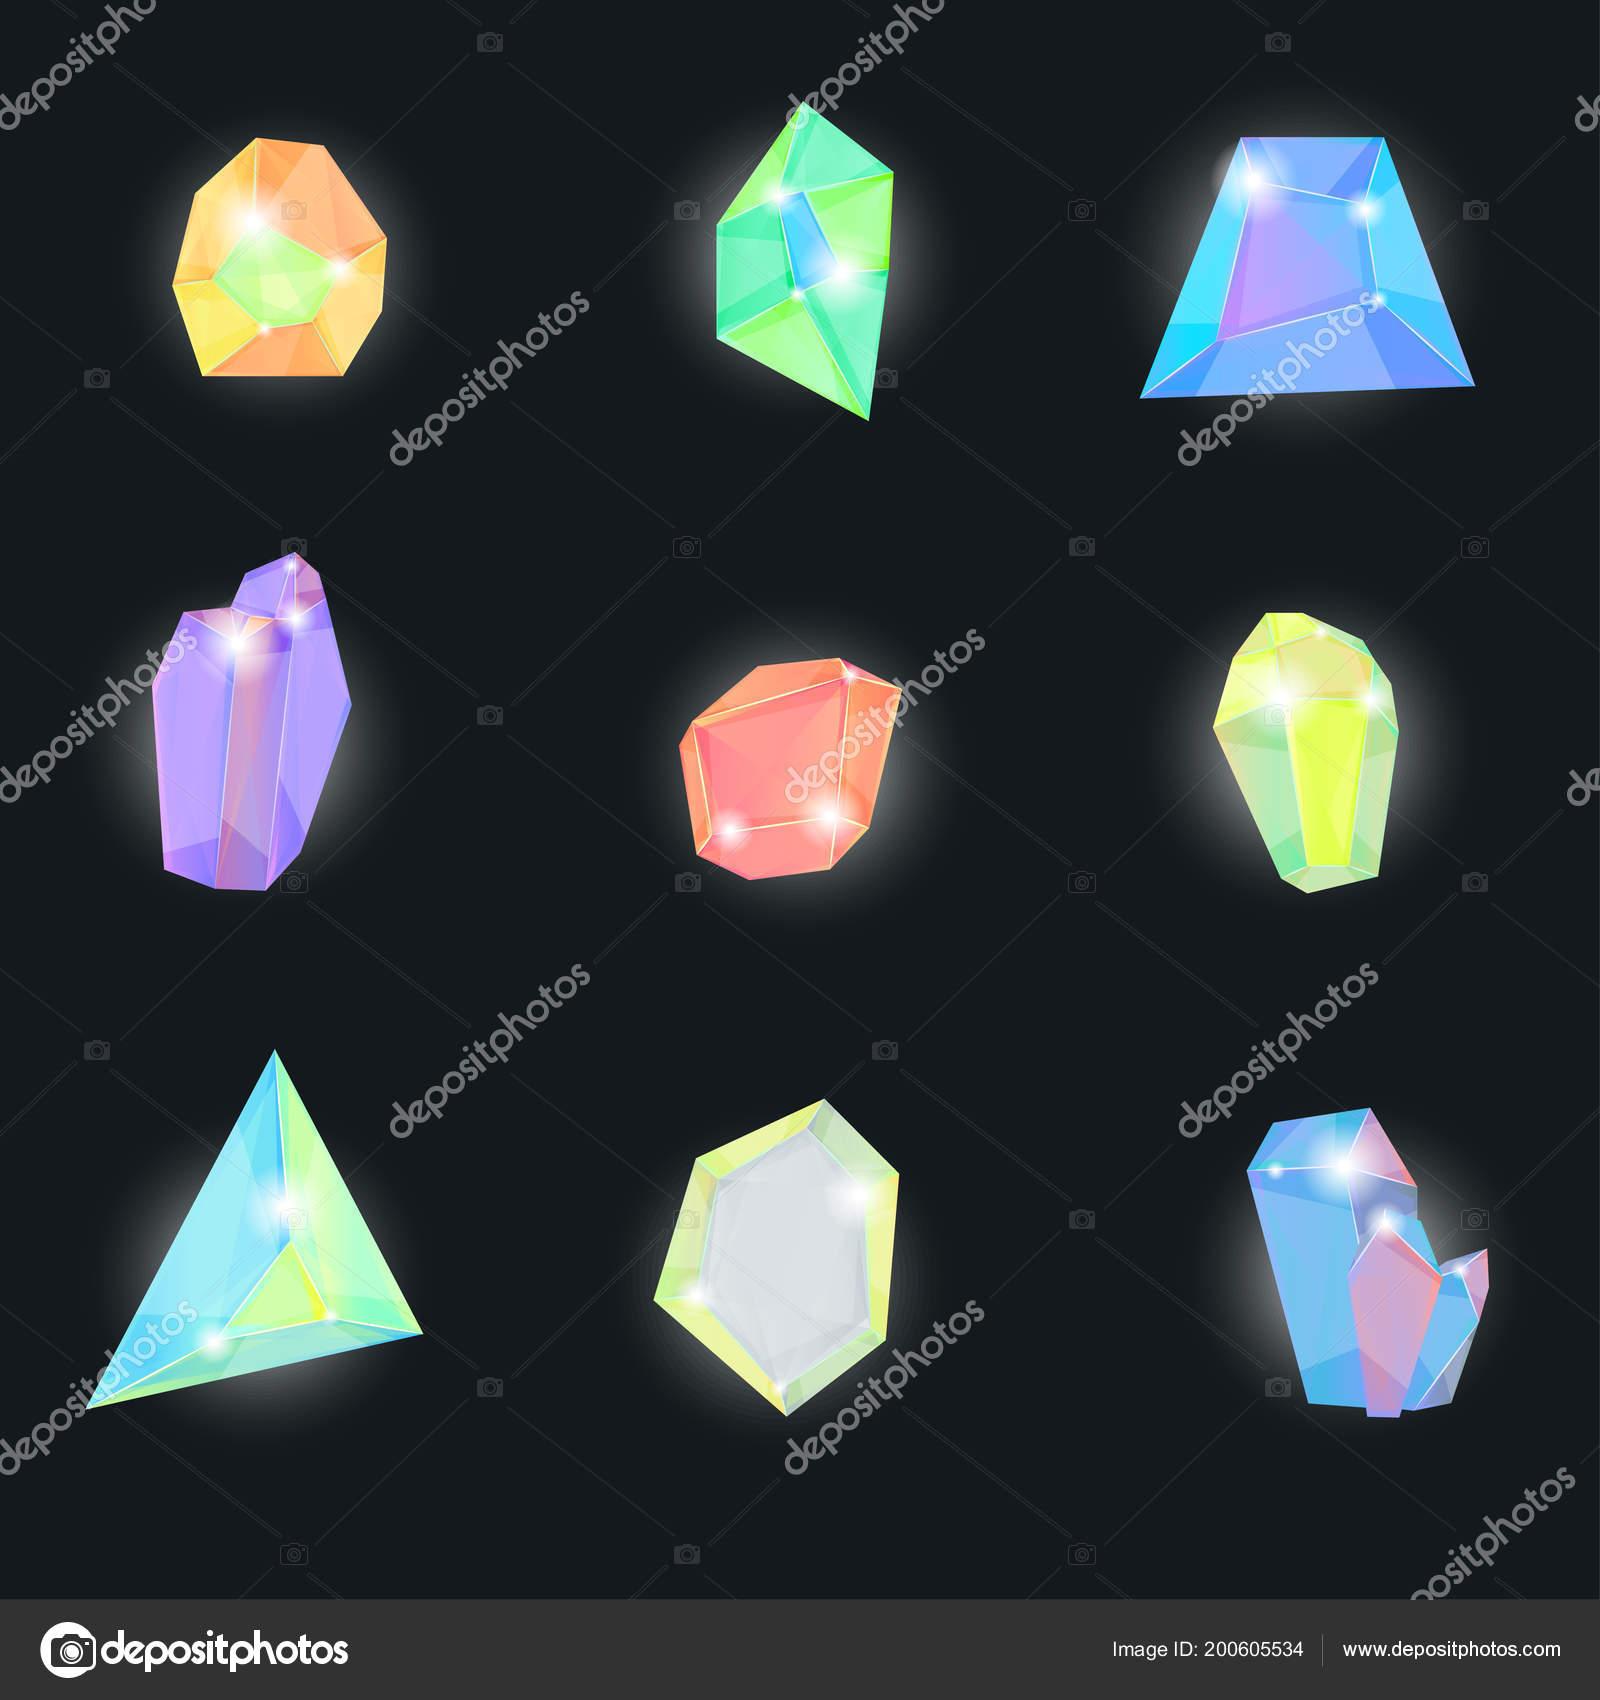 1a5d0c76a365 Realista 3d detallada piedra cristalina de Color establecido sobre un fondo  negro minerales gemas para joyería. Ilustración de vector de la piedra  preciosa ...